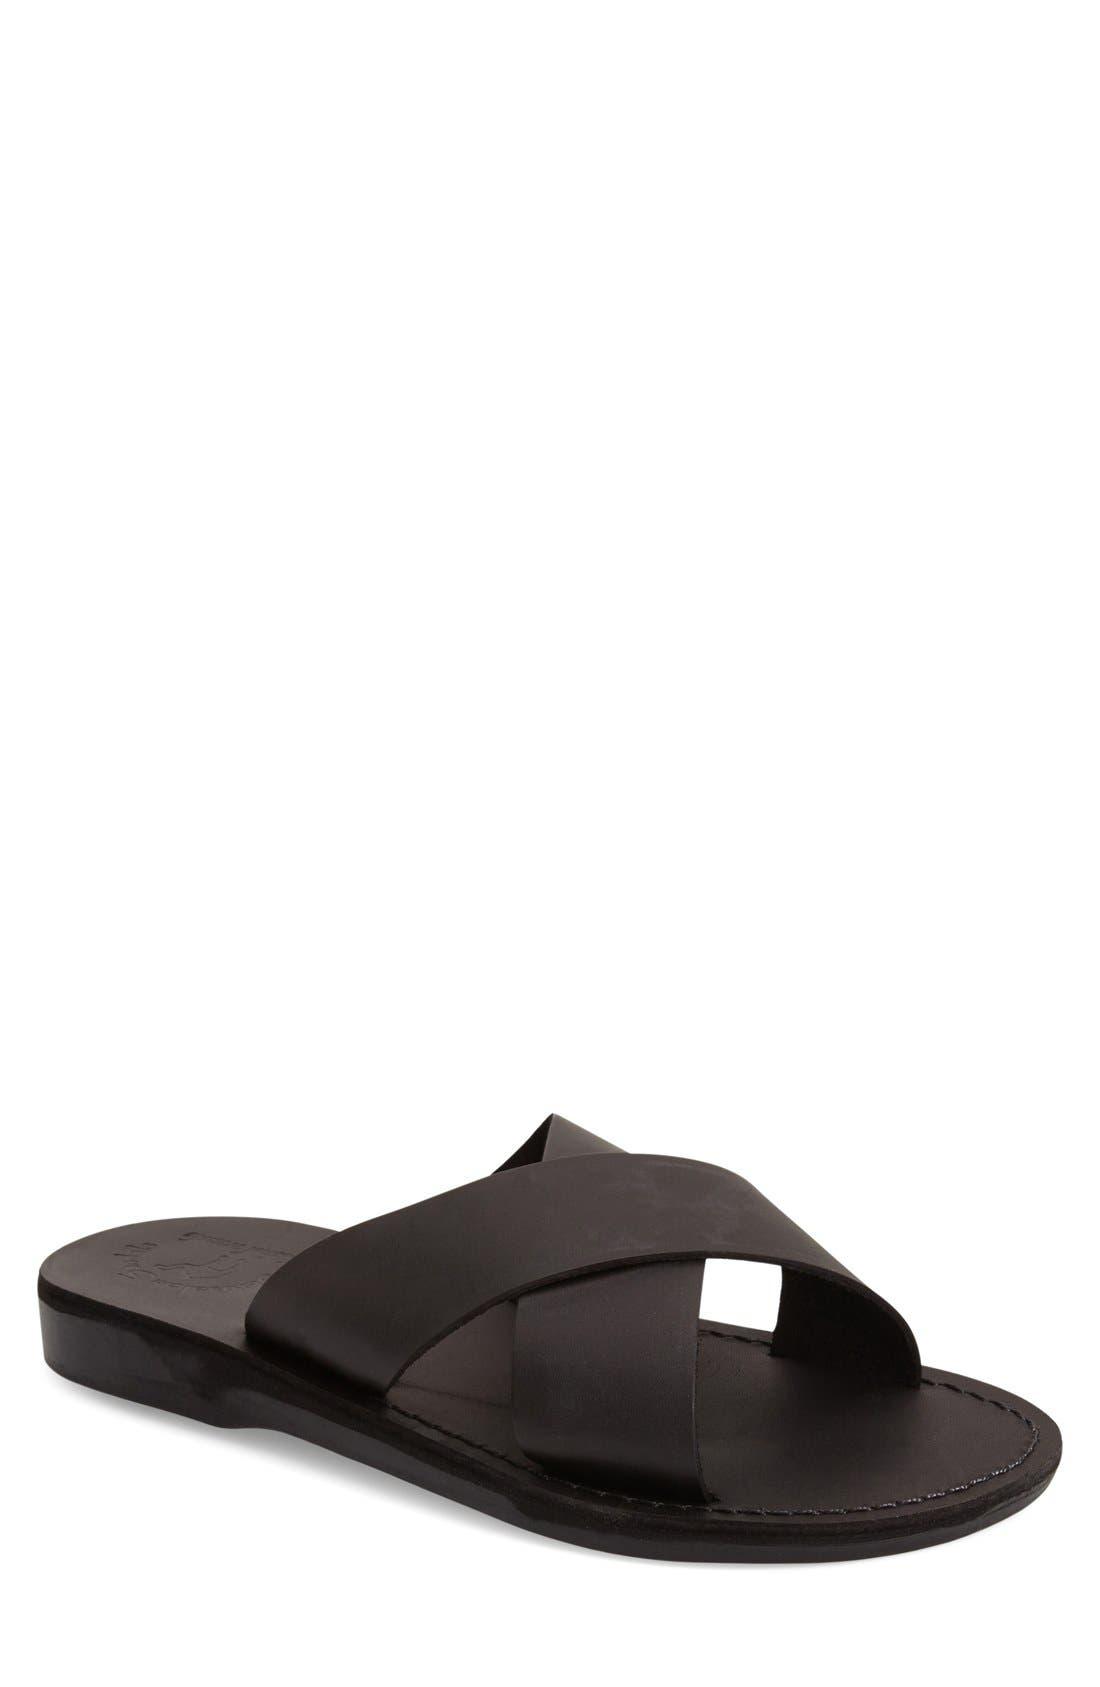 'Elan' Slide Sandal,                         Main,                         color, BLACK LEATHER